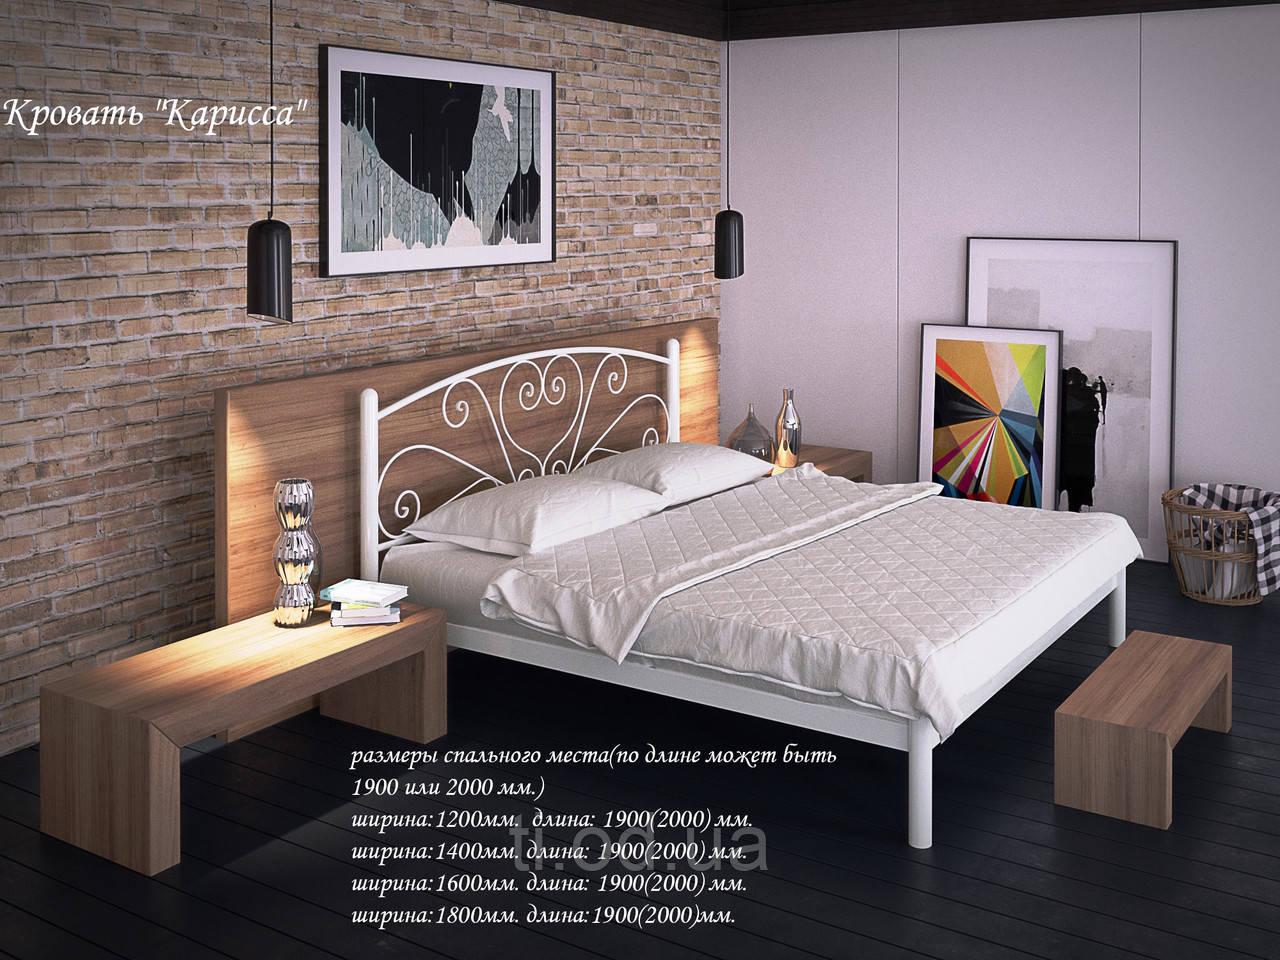 Кровать Карисса